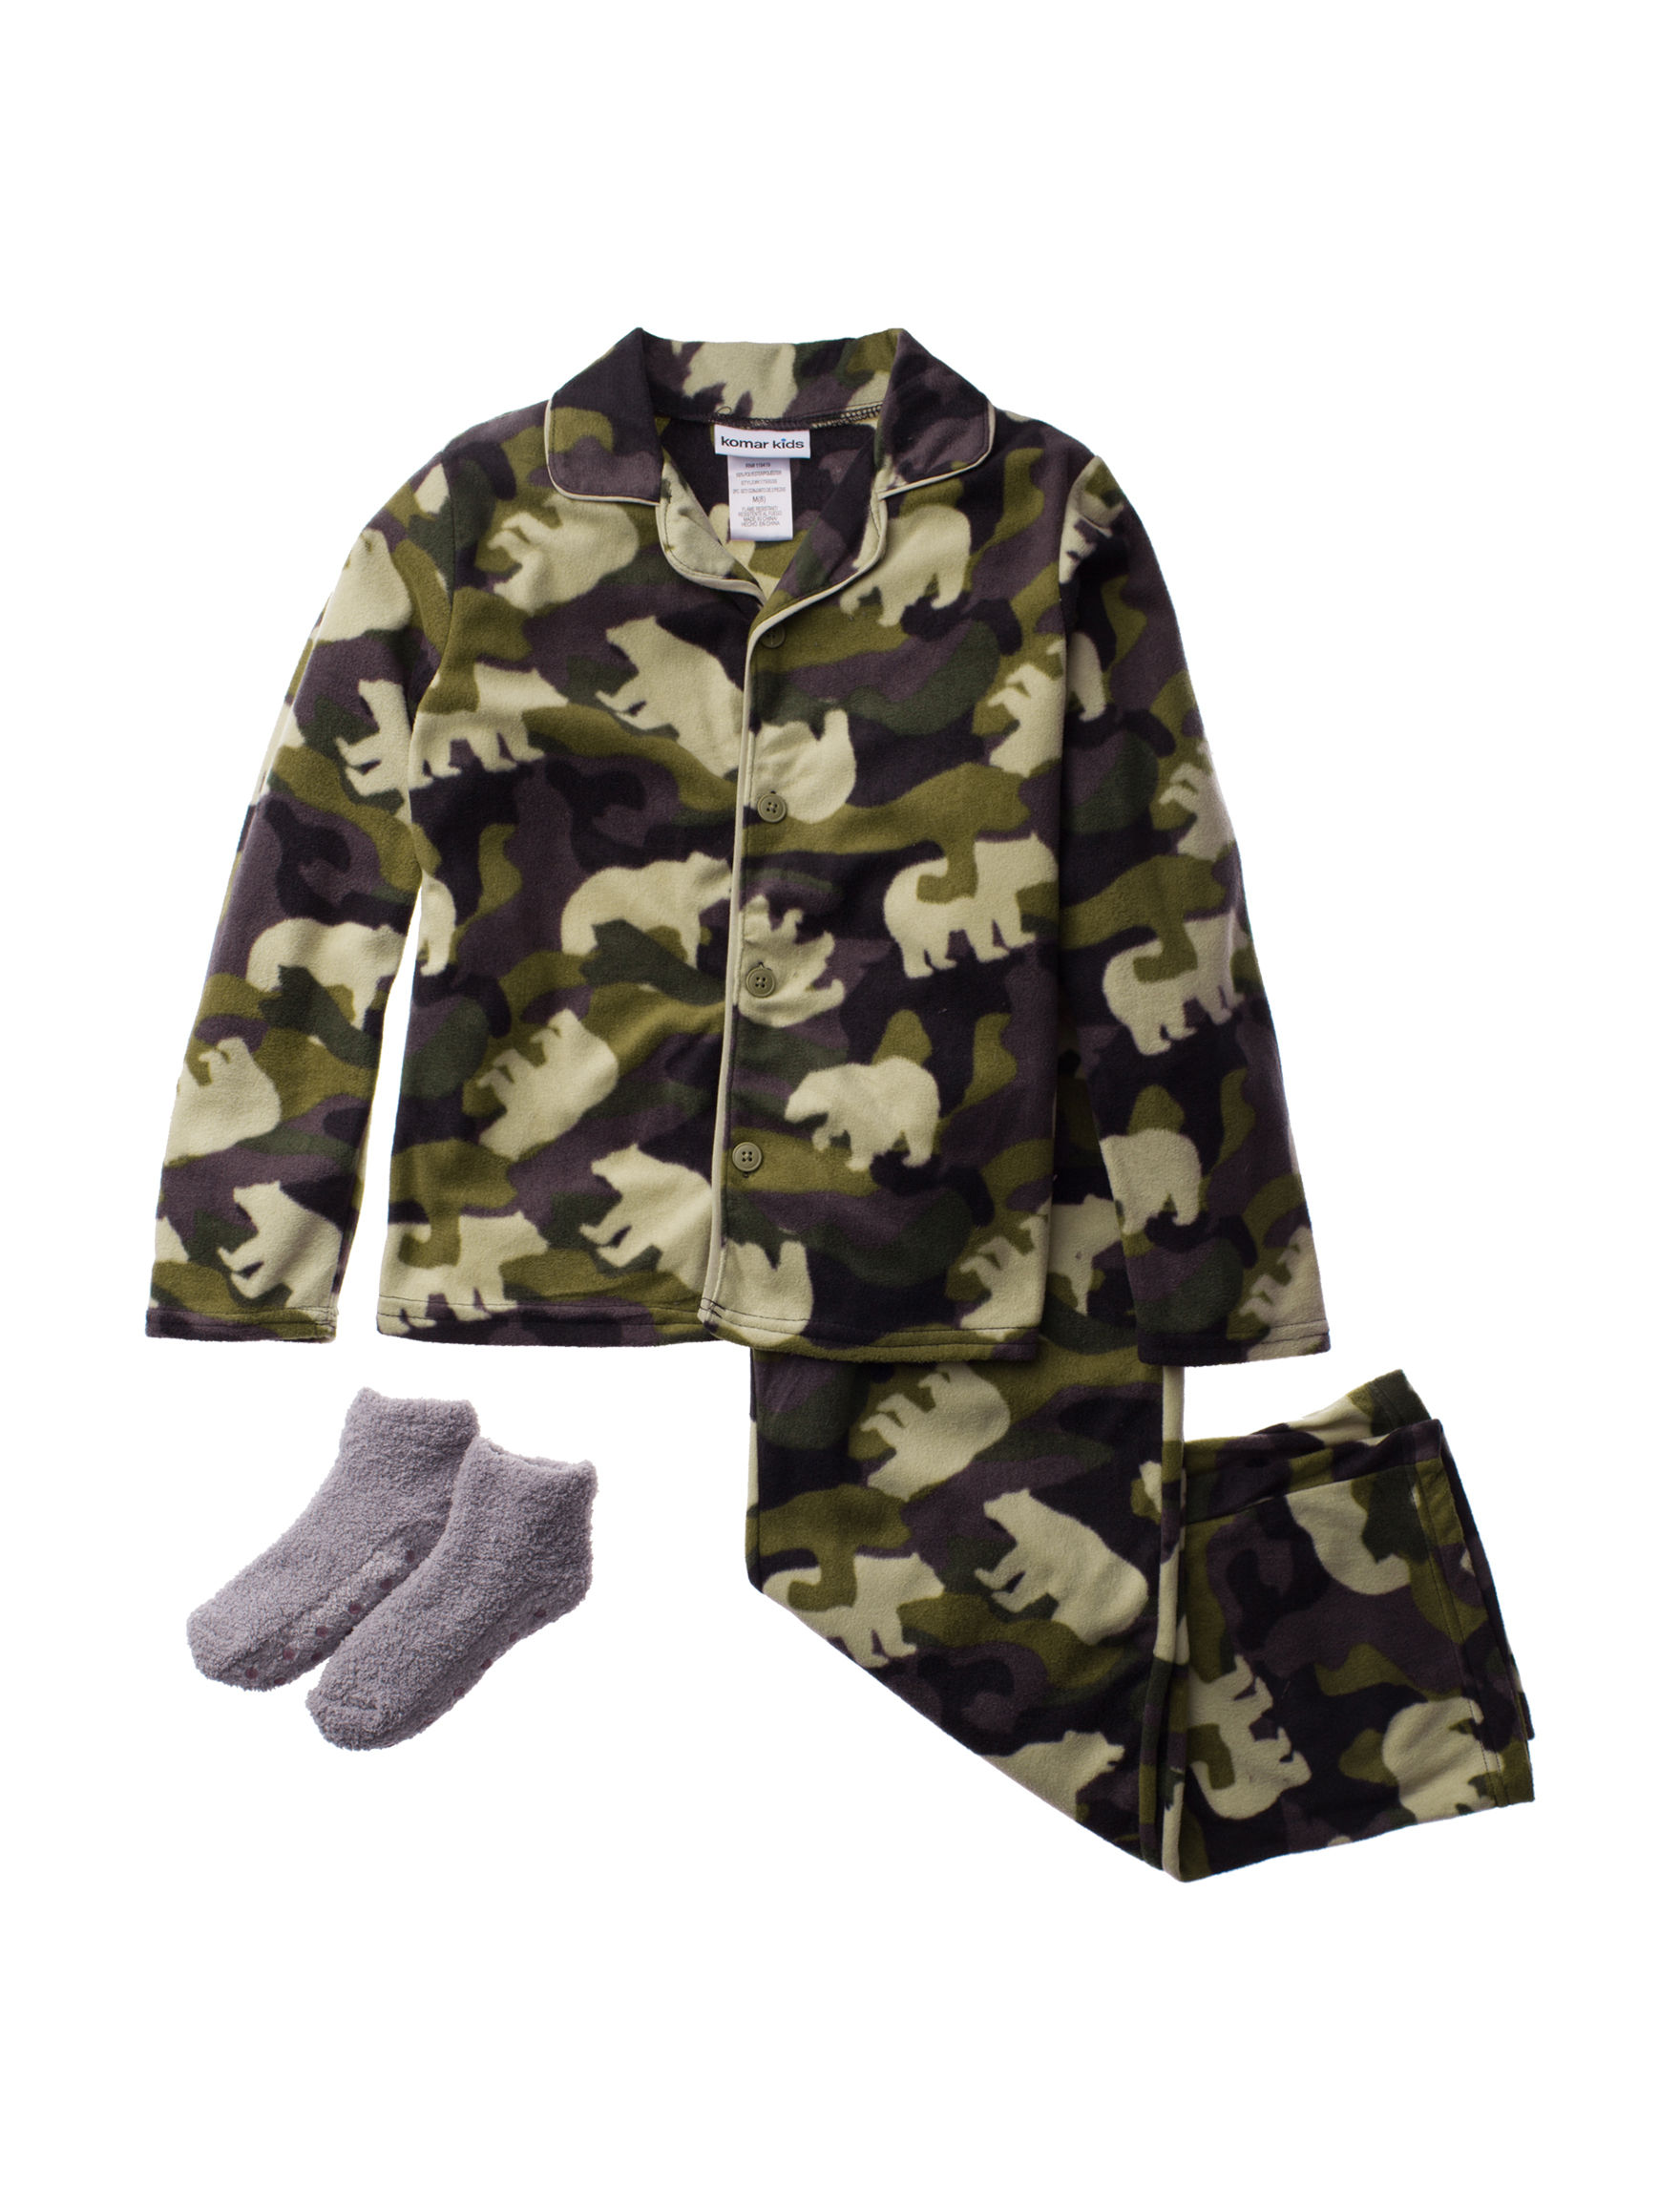 Komar Kids Green Camo Pajama Sets